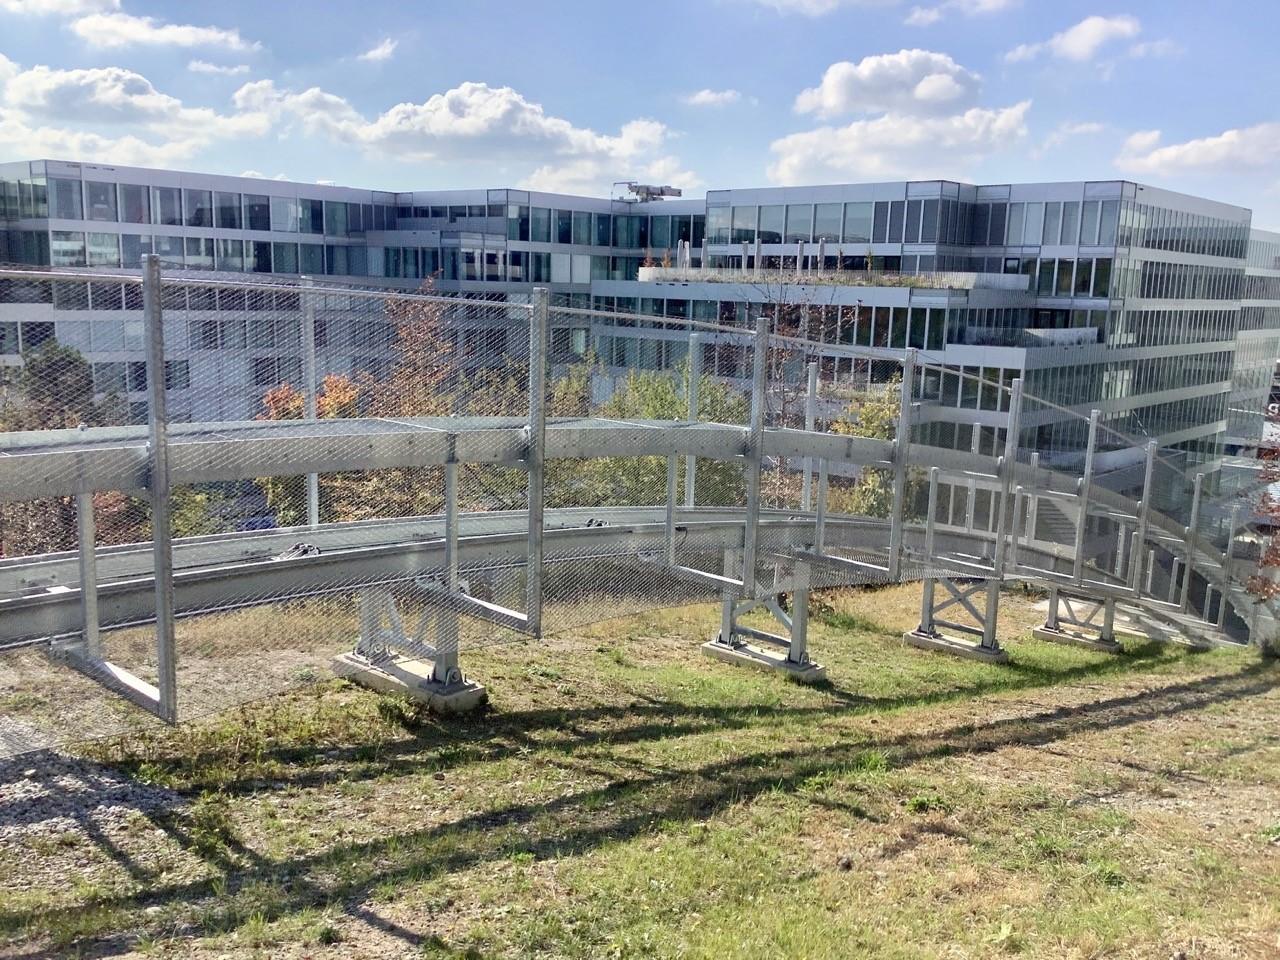 Standseilbahn von Circle-Überbauung zum neuen Flughafnpark